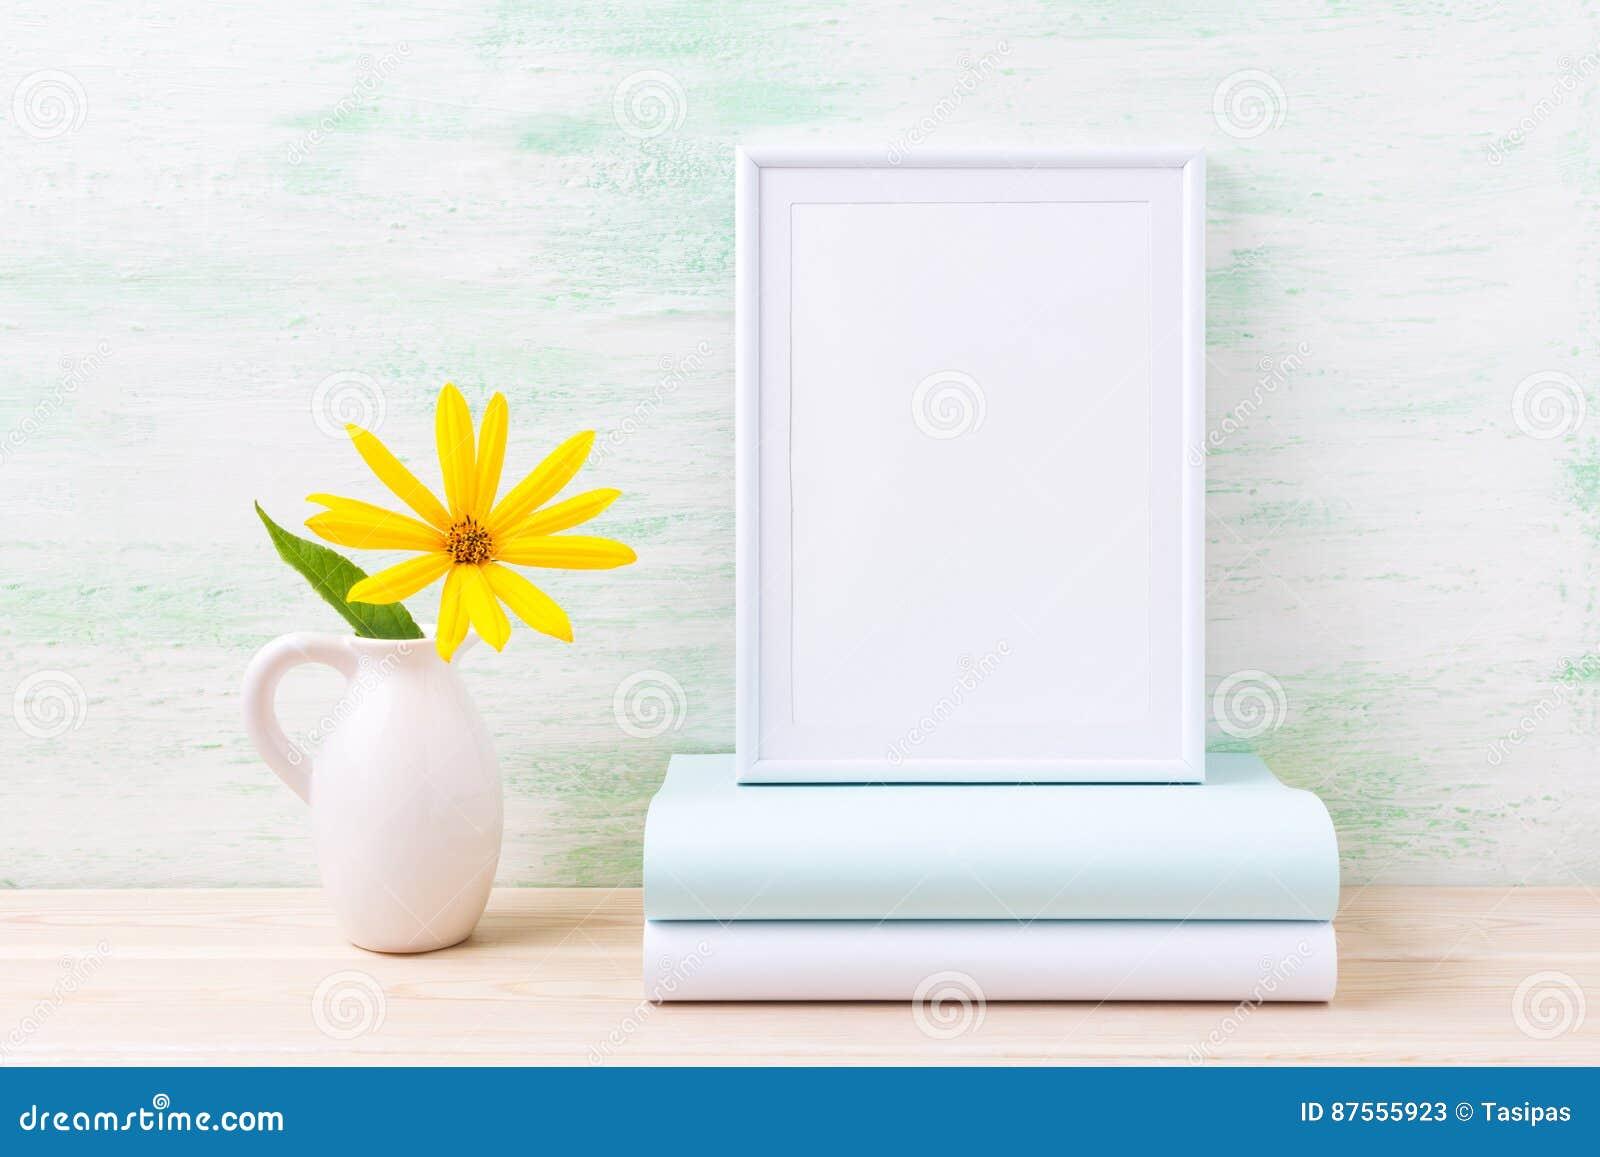 Fiori Gialli Libri.Modello Bianco Della Struttura Con I Fiori Ed I Libri Gialli